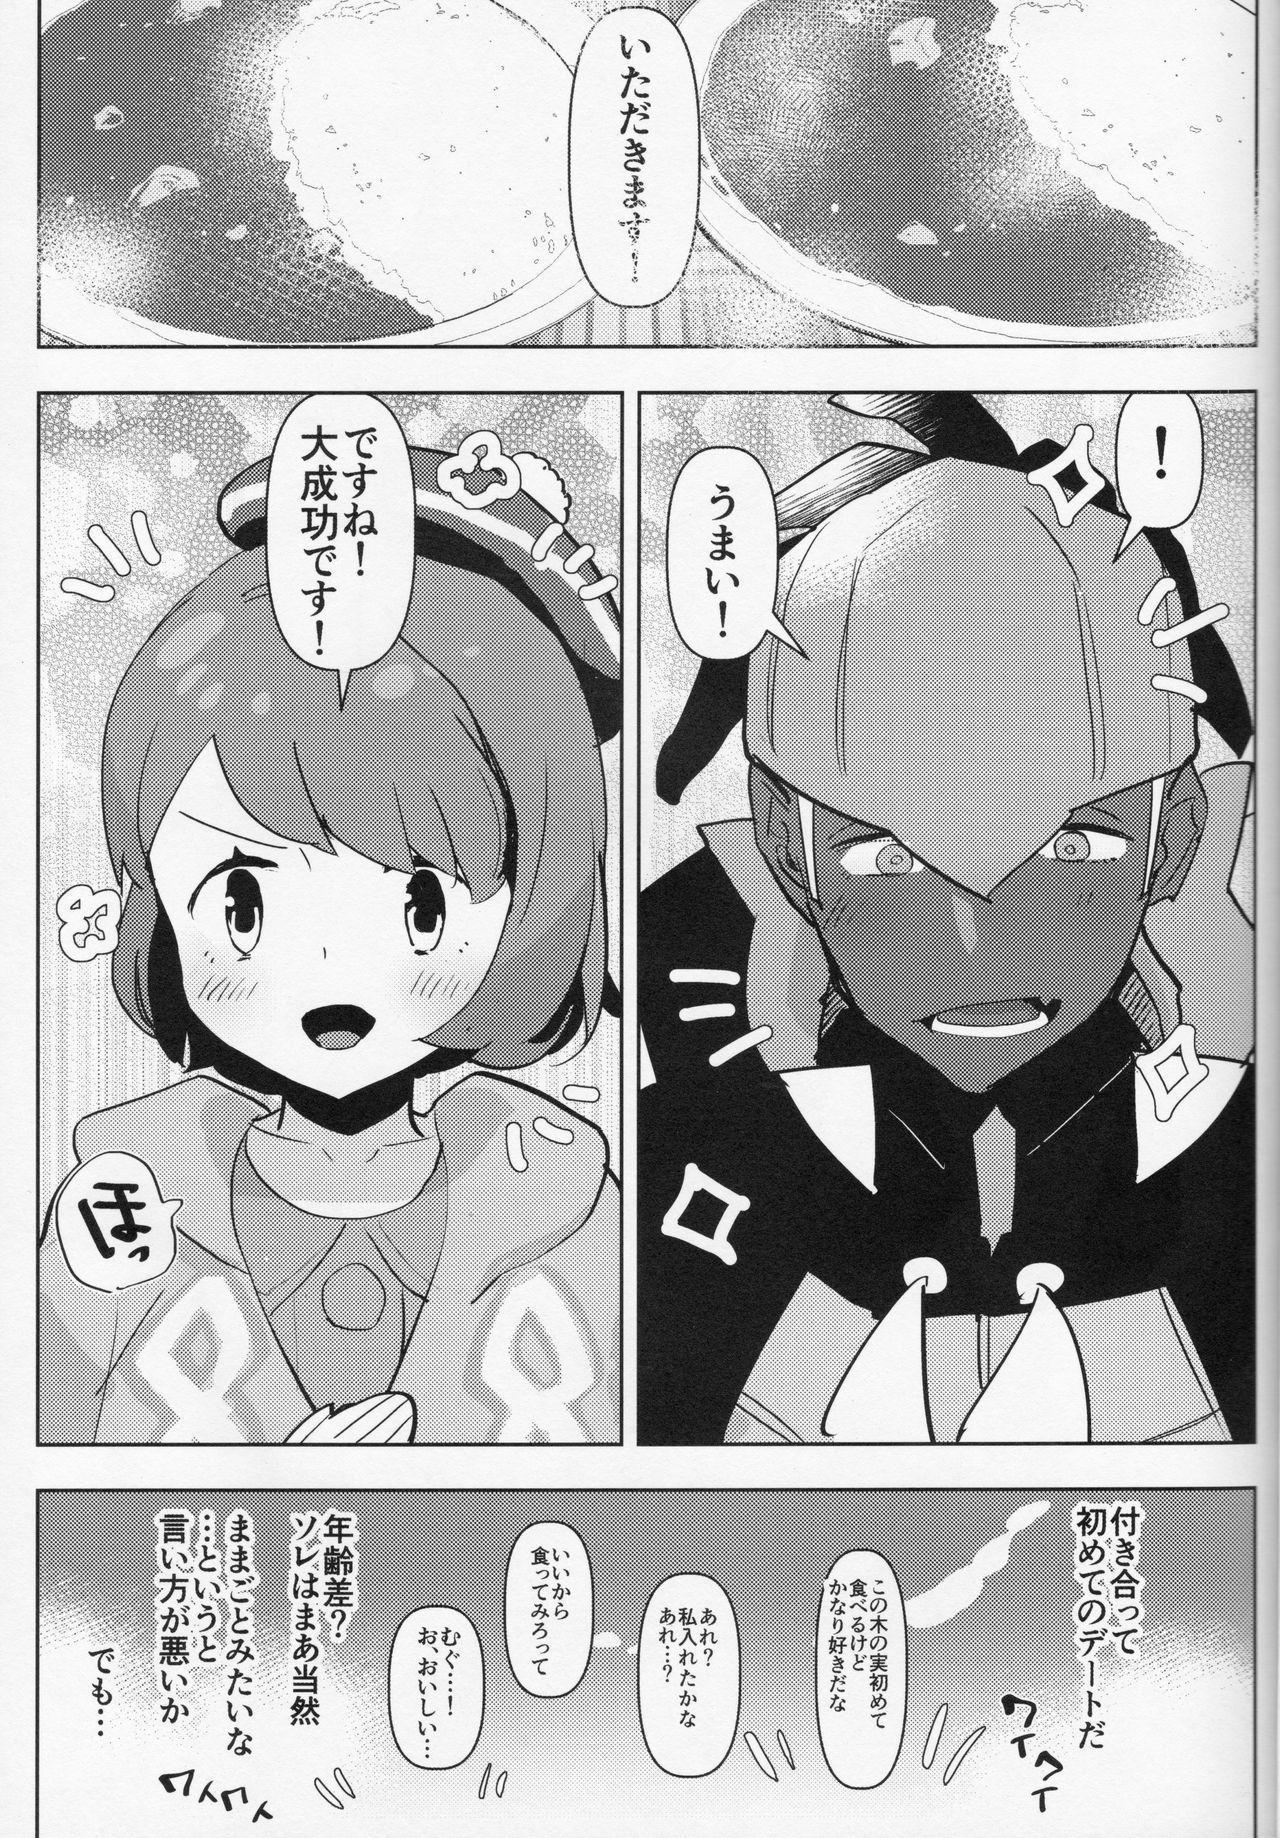 Futa x Otoko Book 3